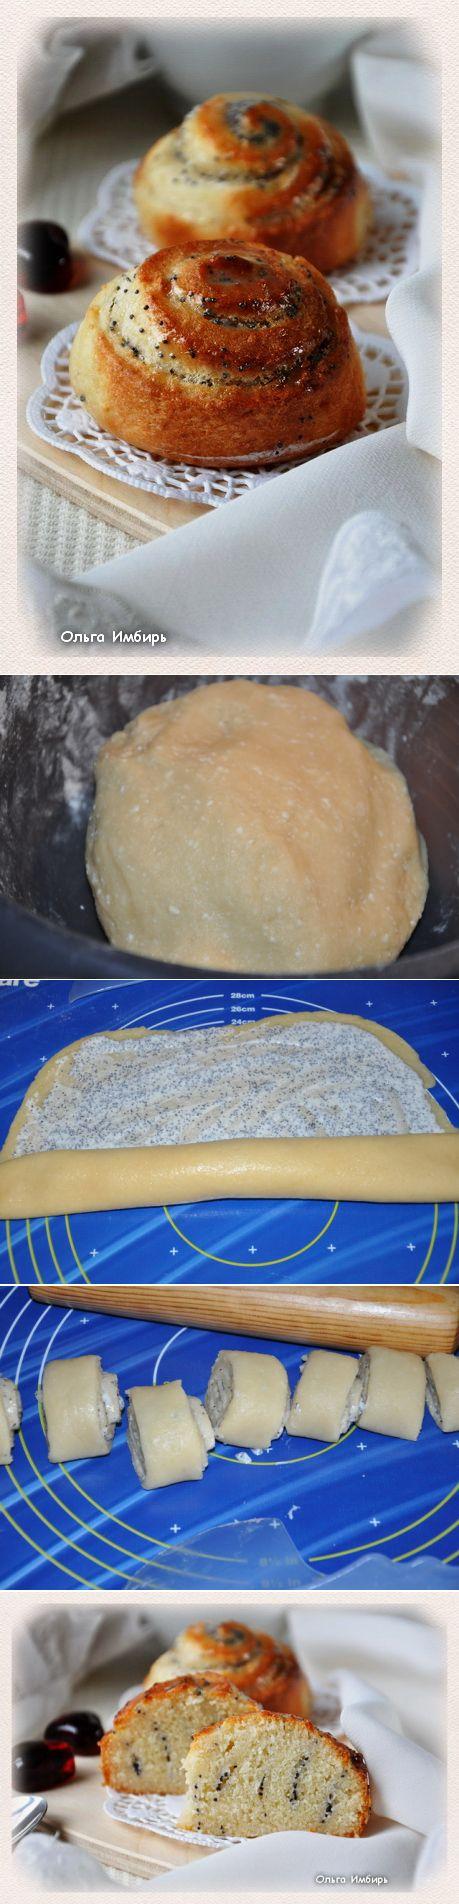 Маковые плюшки из творожного теста. Для теста:   250 г творога   2 яйца   0,5 стакана сахара   0,5 стакана растительного масла  2,5-3 стакана муки  Ванилин   10 г разрыхлителя   Щепотка соли  Для начинки:   2 ст.л. сметаны  Мак  Сахар  Глазурь:   3-4 ст. л. сахарной пудры  Горячее молоко